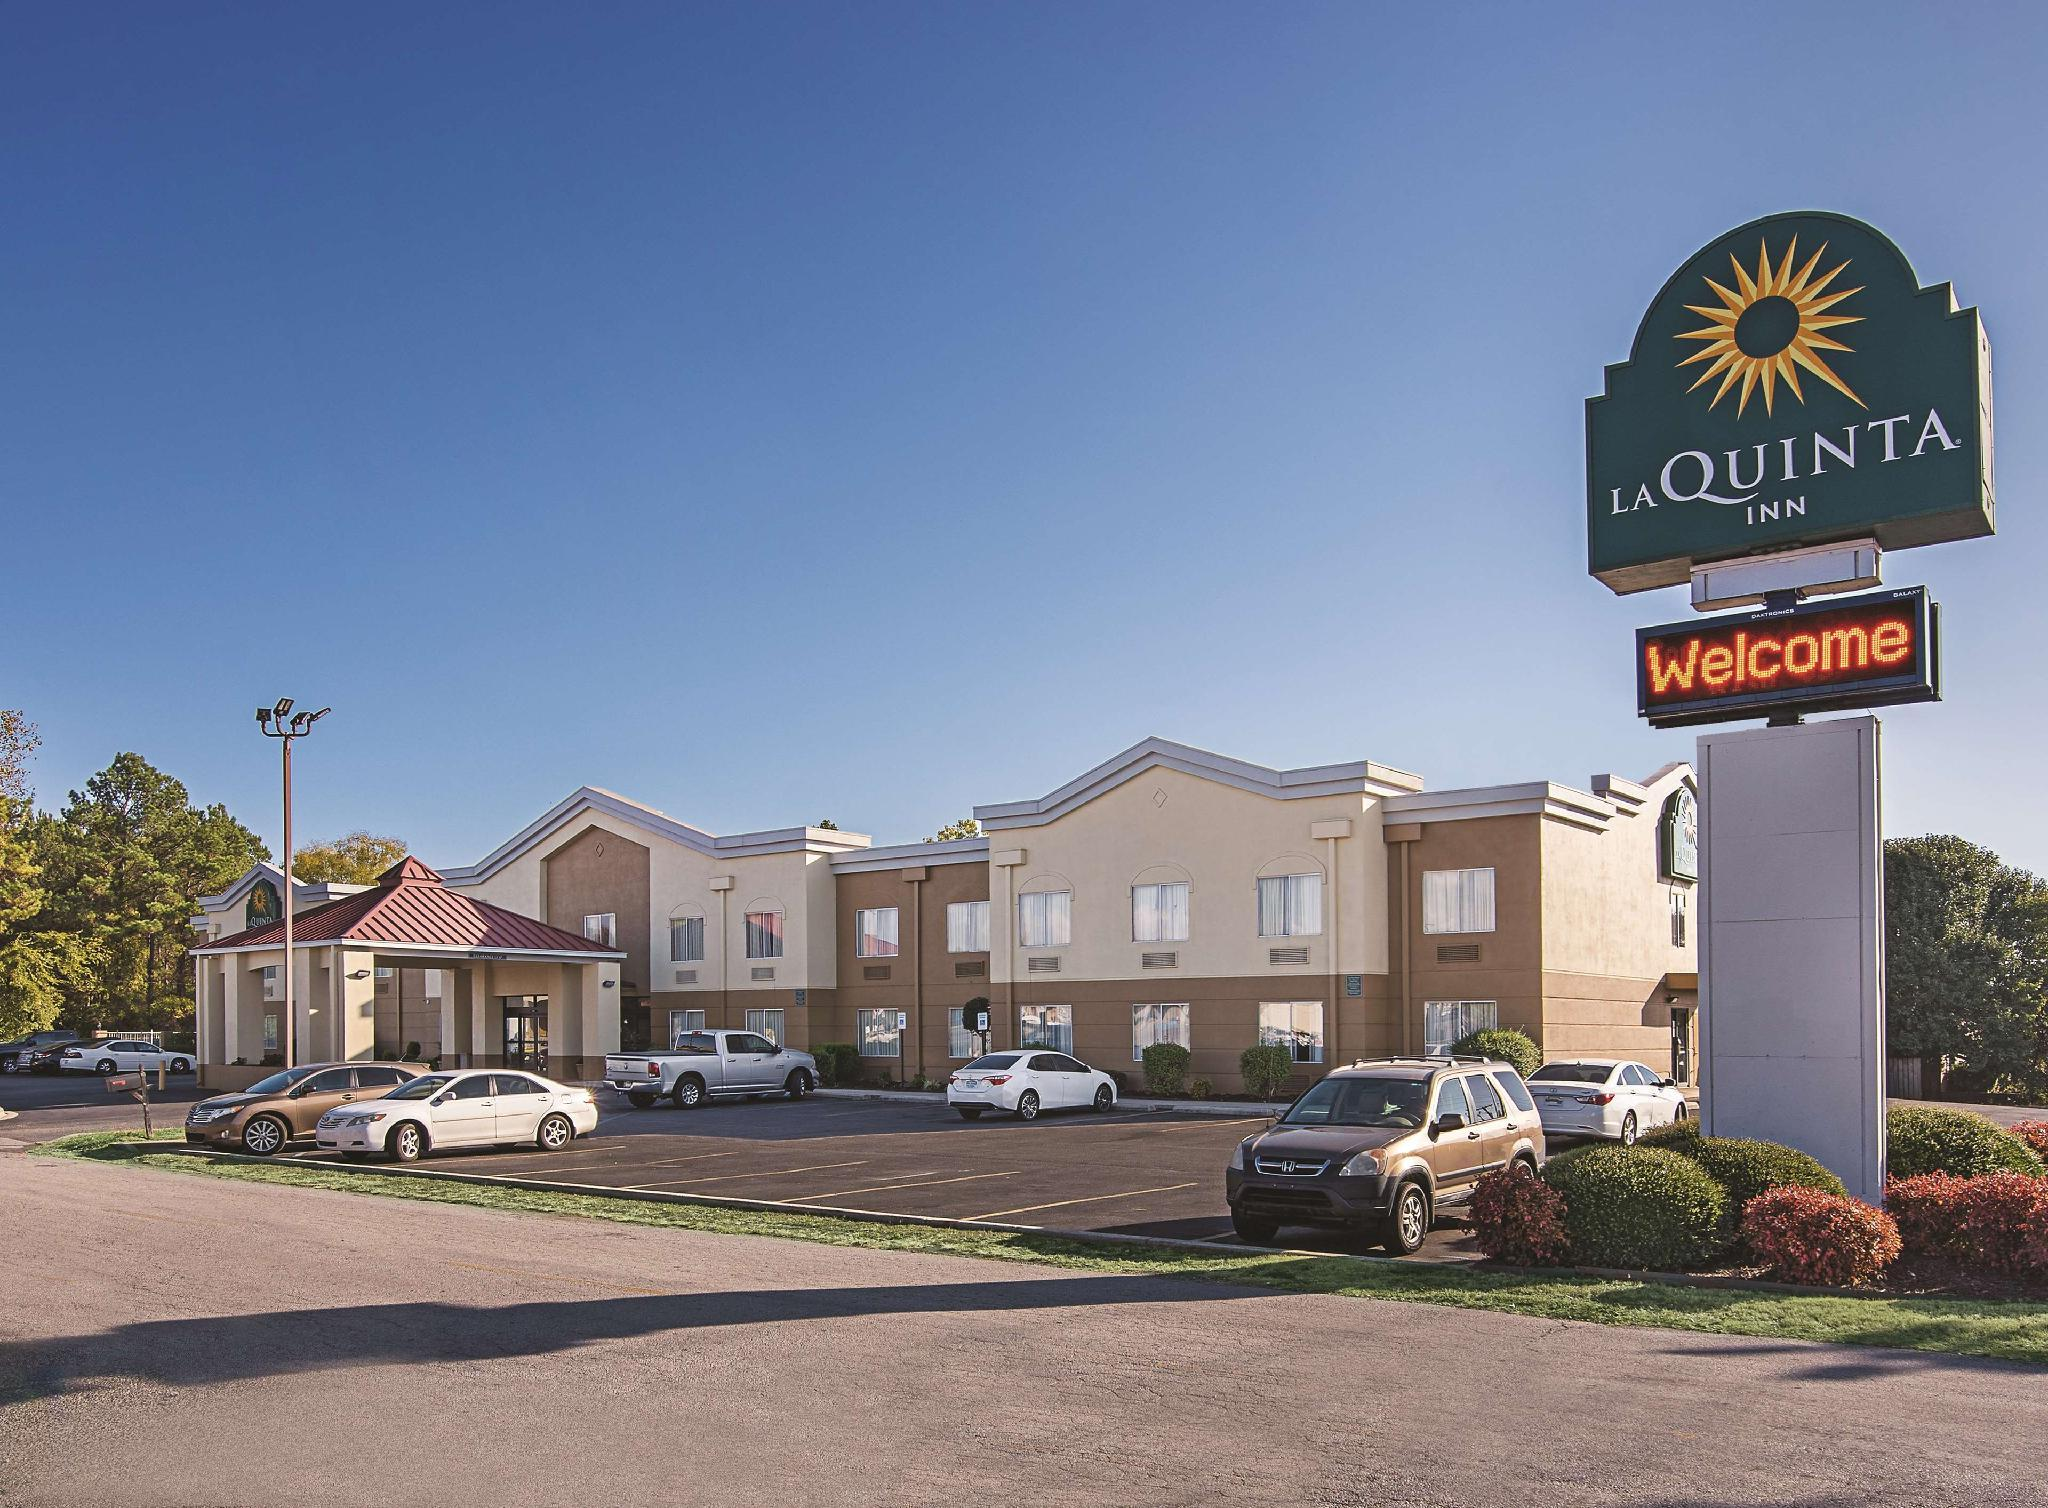 La Quinta Inn By Wyndham Decatur